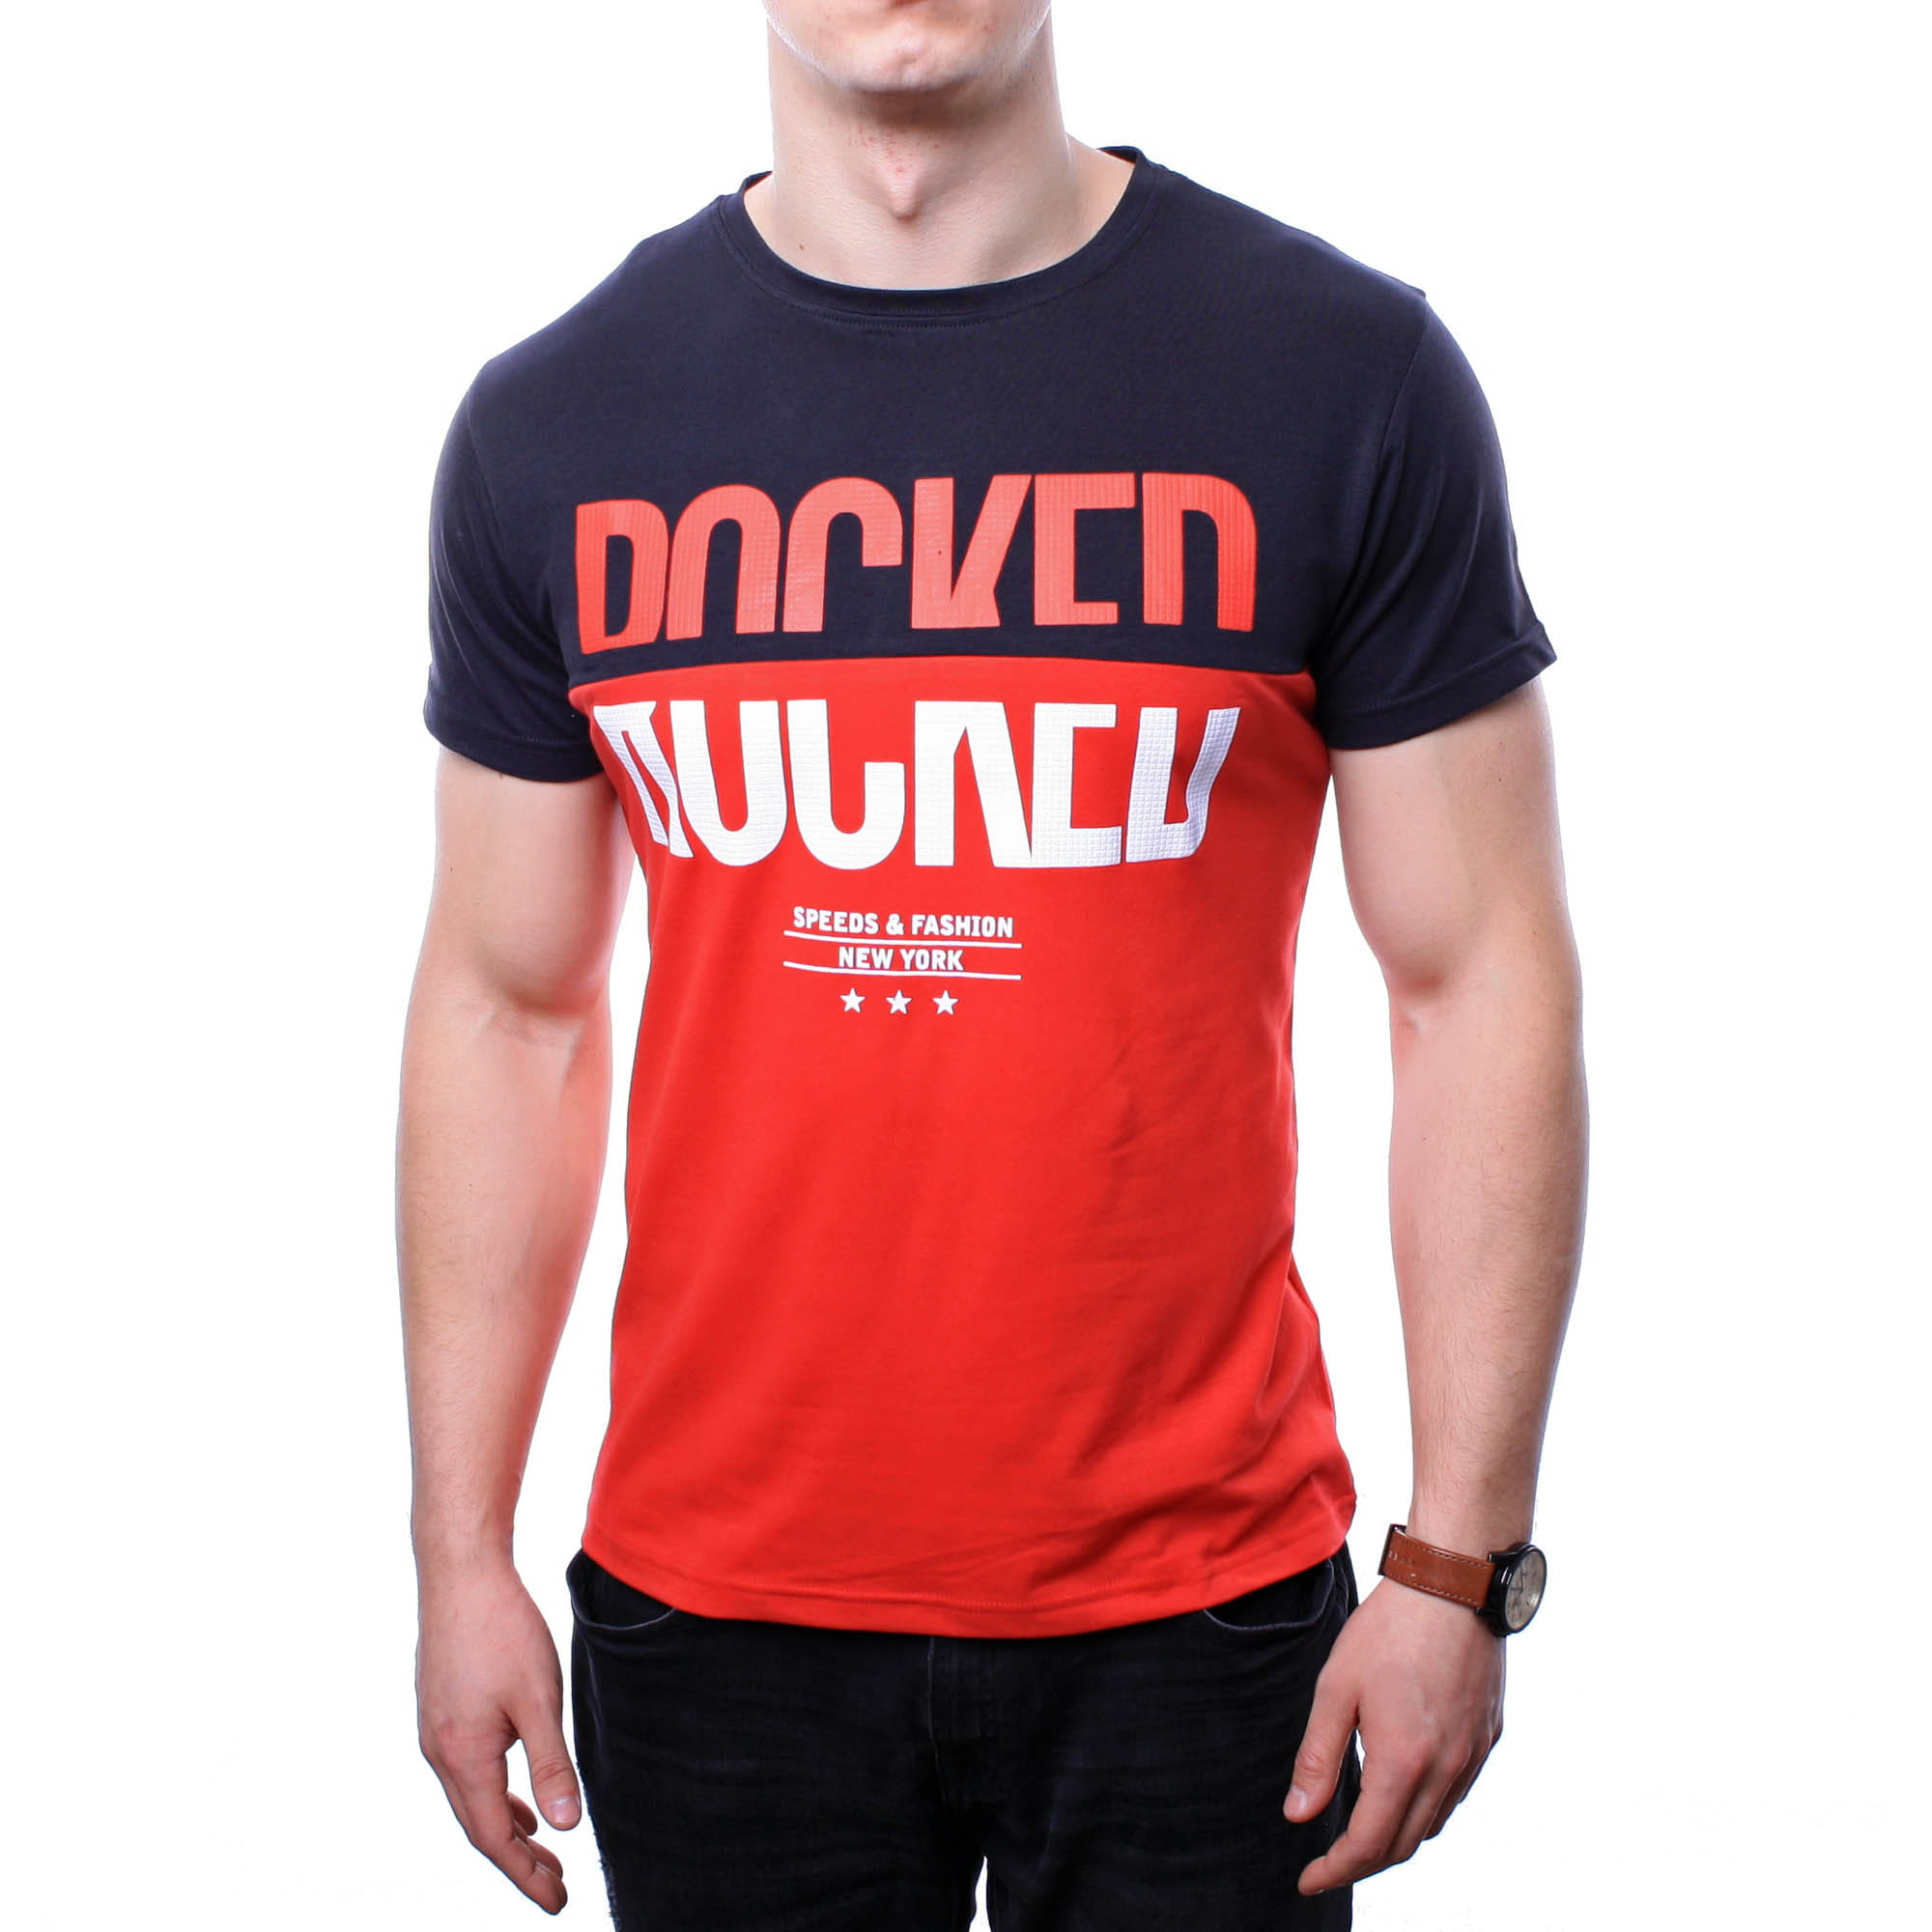 71f26fcaf2fdf0 Koszulki z nadrukiem - Koszulka męska t-shirt czerwony Recea - Recea ...